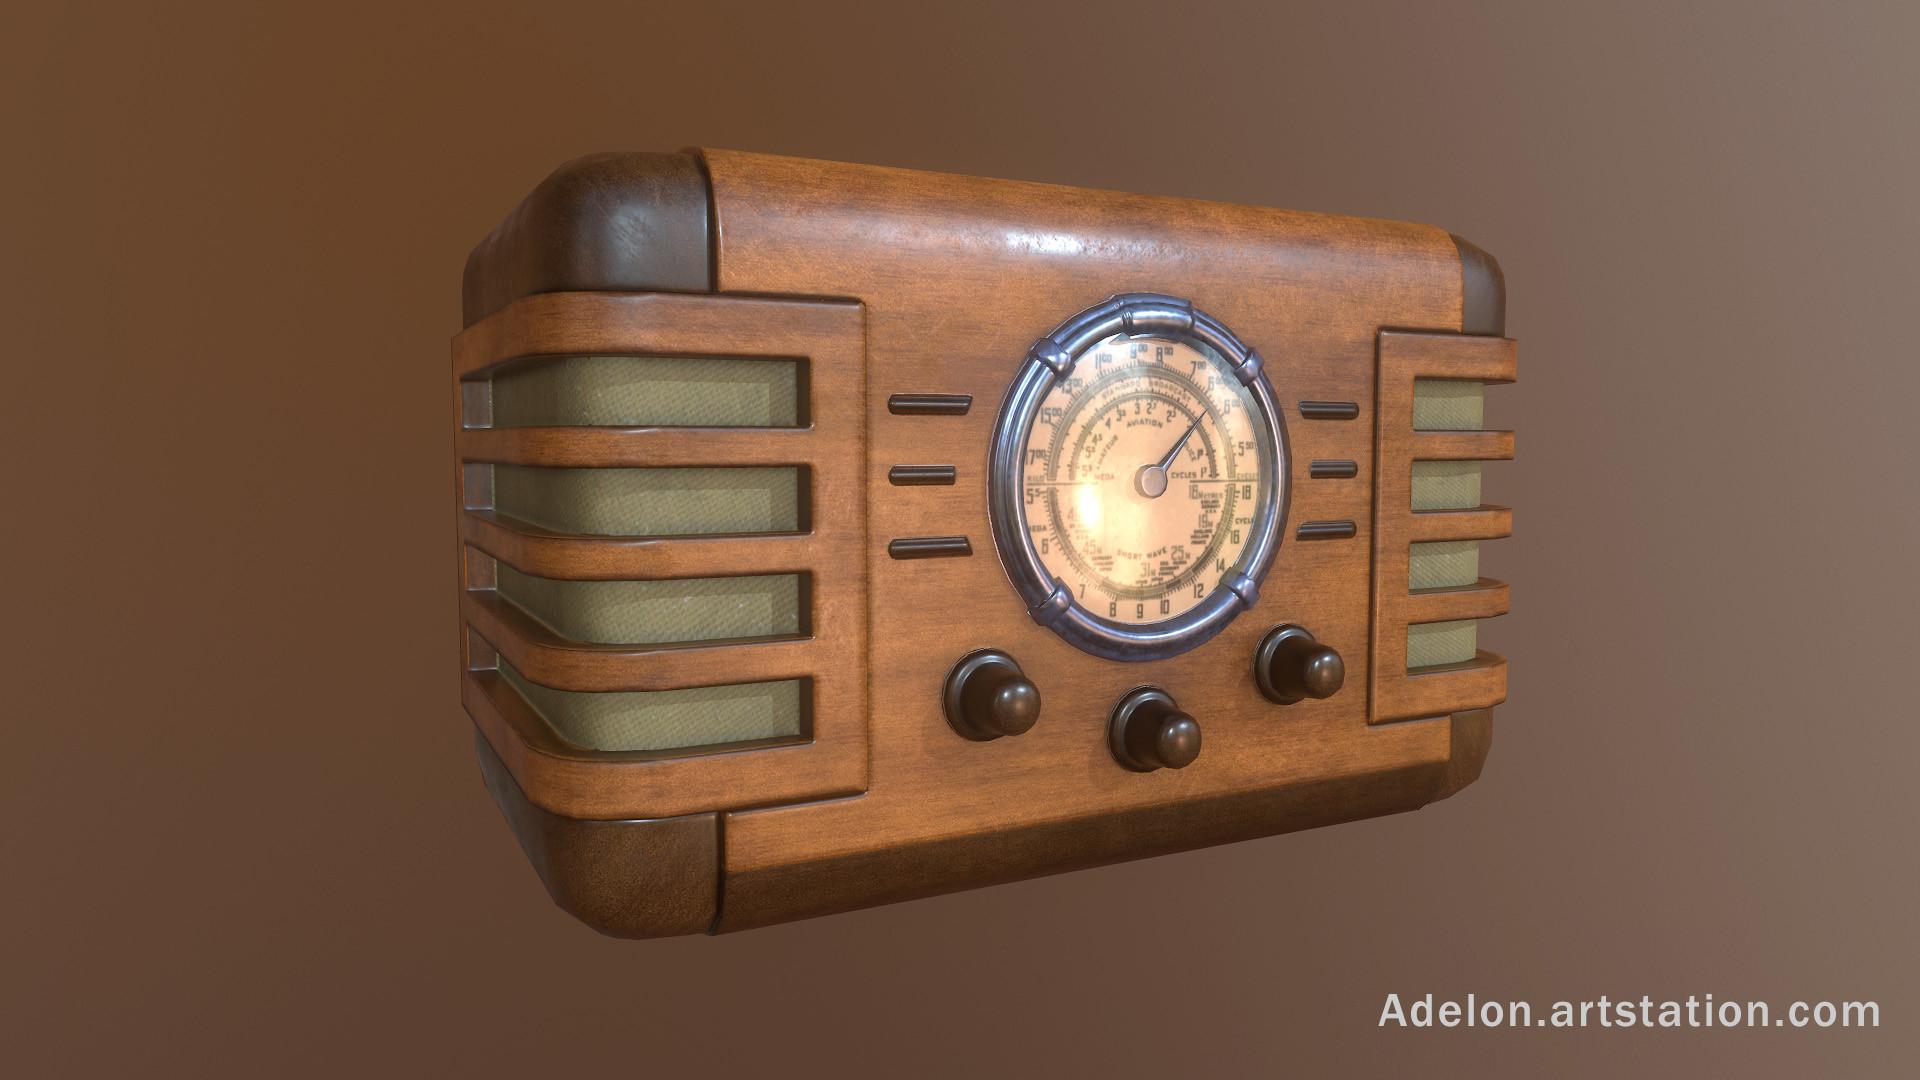 Vladyslav silchuk vintage radio by adelon